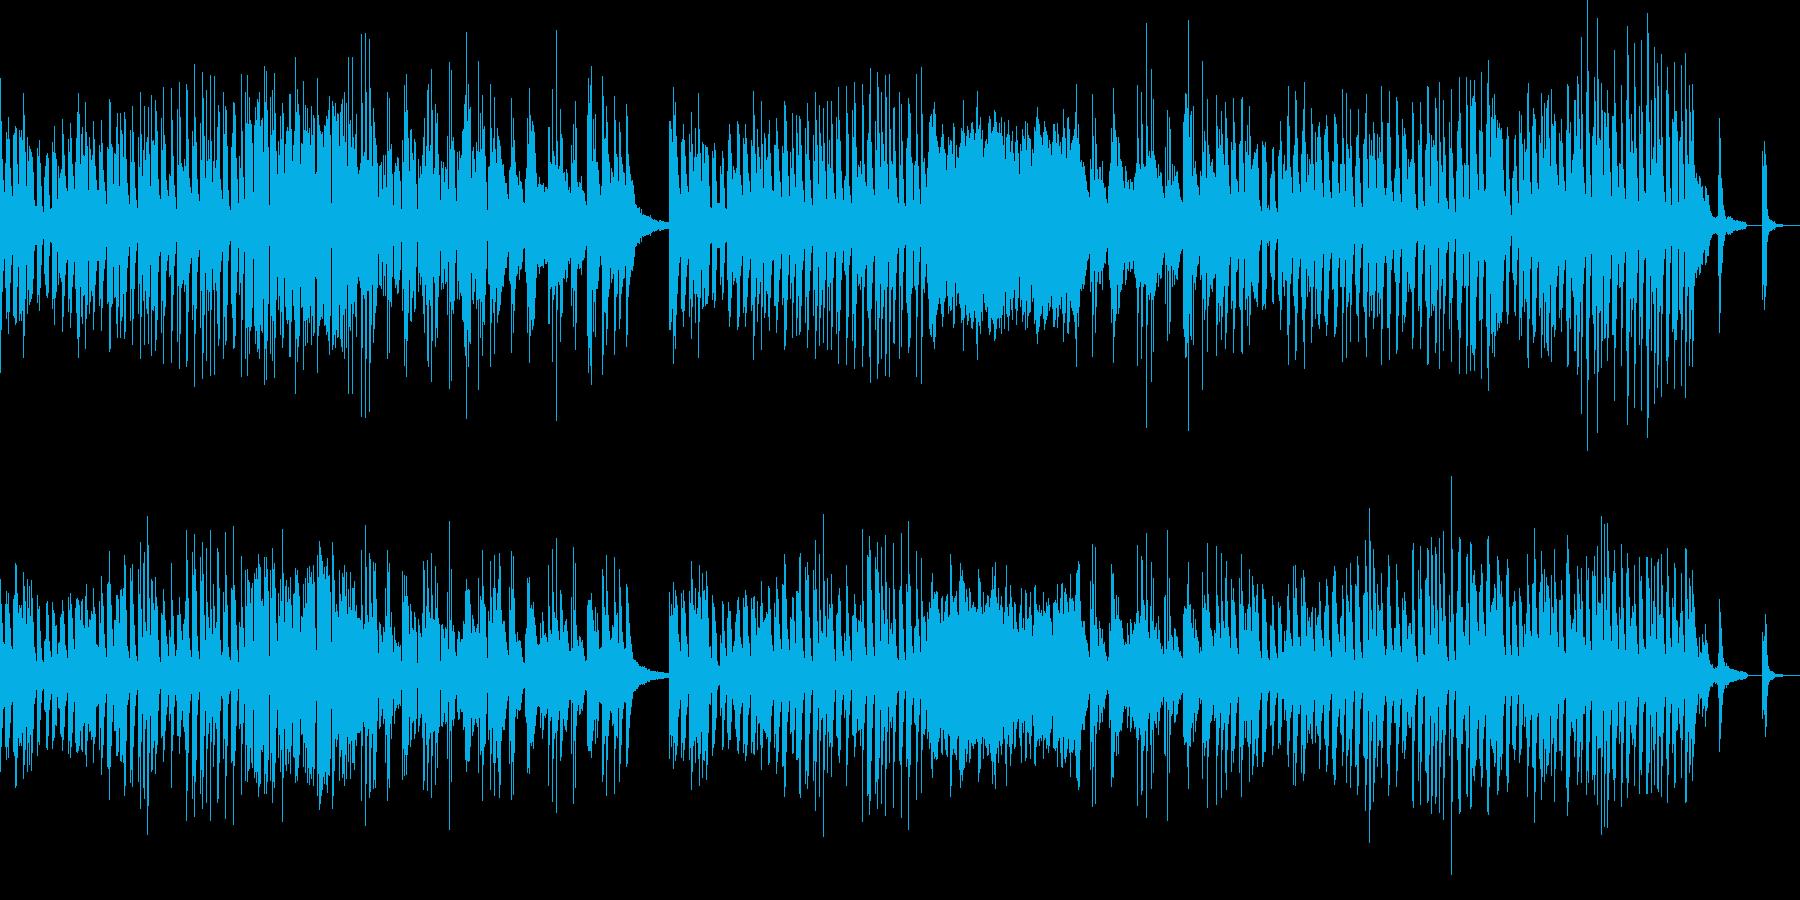 少し跳ねてる感じのピアノポップバラードの再生済みの波形